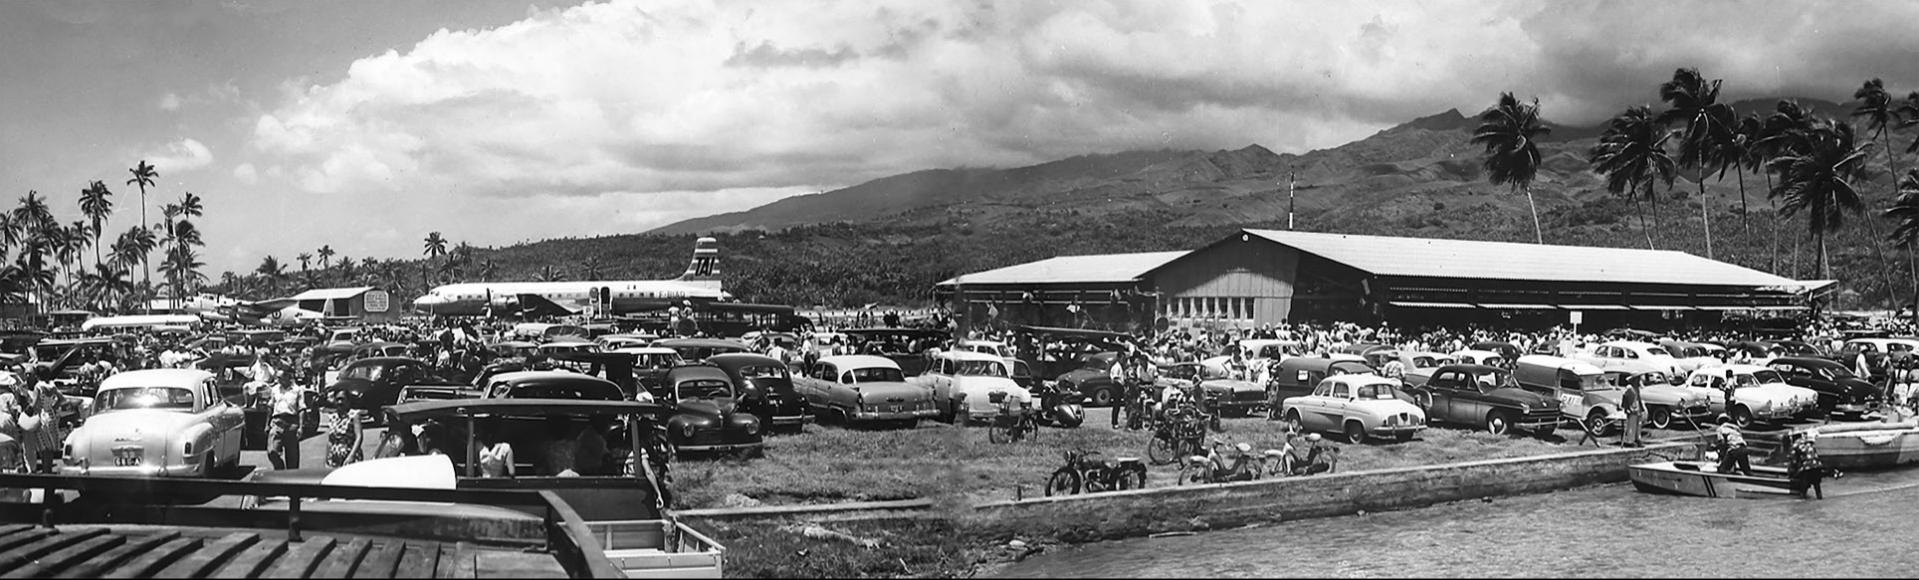 Sur le motu Tahiri, un exceptionnel rassemblement populaire accueille le DC 7C, premier avion commercial à s'être posé sur l'île en ce jour historique du 16 octobre 1960. À l'écart, à gauche de l'image, près des cocotiers, le Lancaster de la 9S de la Tontouta dont la mission est de photographier les atolls du sud des Tuamotu. Certains seront choisis comme bases du Centre d'expérimentations atomiques durant les trente-cinq années suivantes.